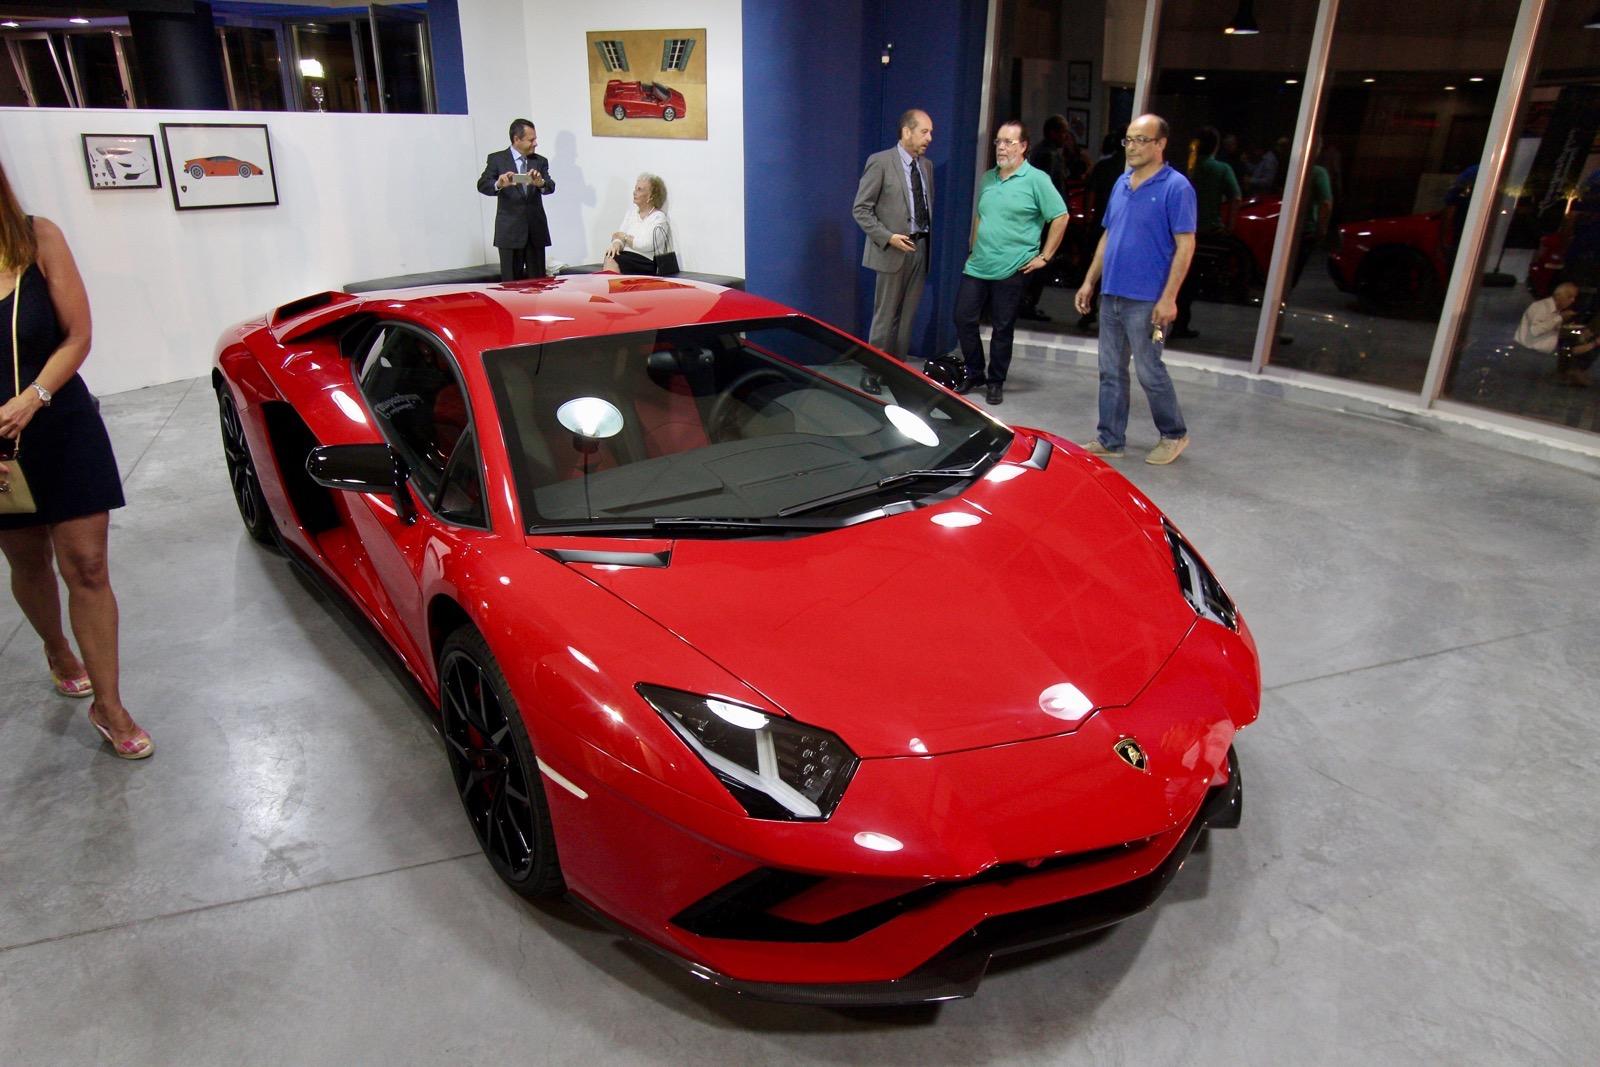 Lamborghini_Aventador_S_in_Greece_07